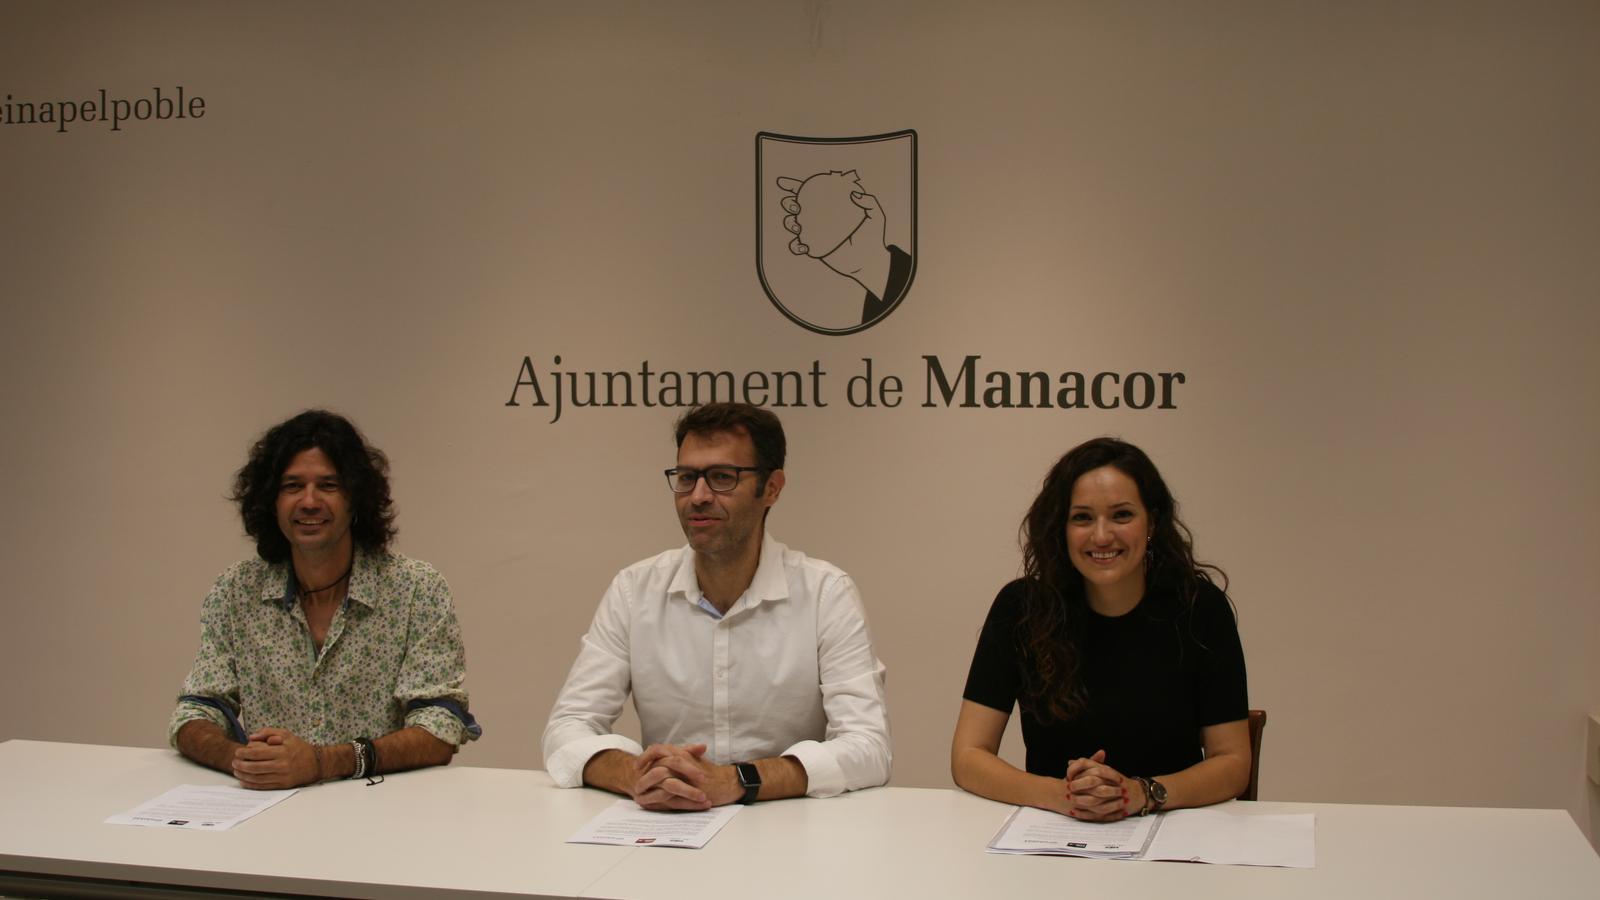 Carles Grimalt (UP), Miquel Oliver (MÉS-Esquerra) i Nuria Hinojosa (PSOE) durant la presentació de l'organigrama.